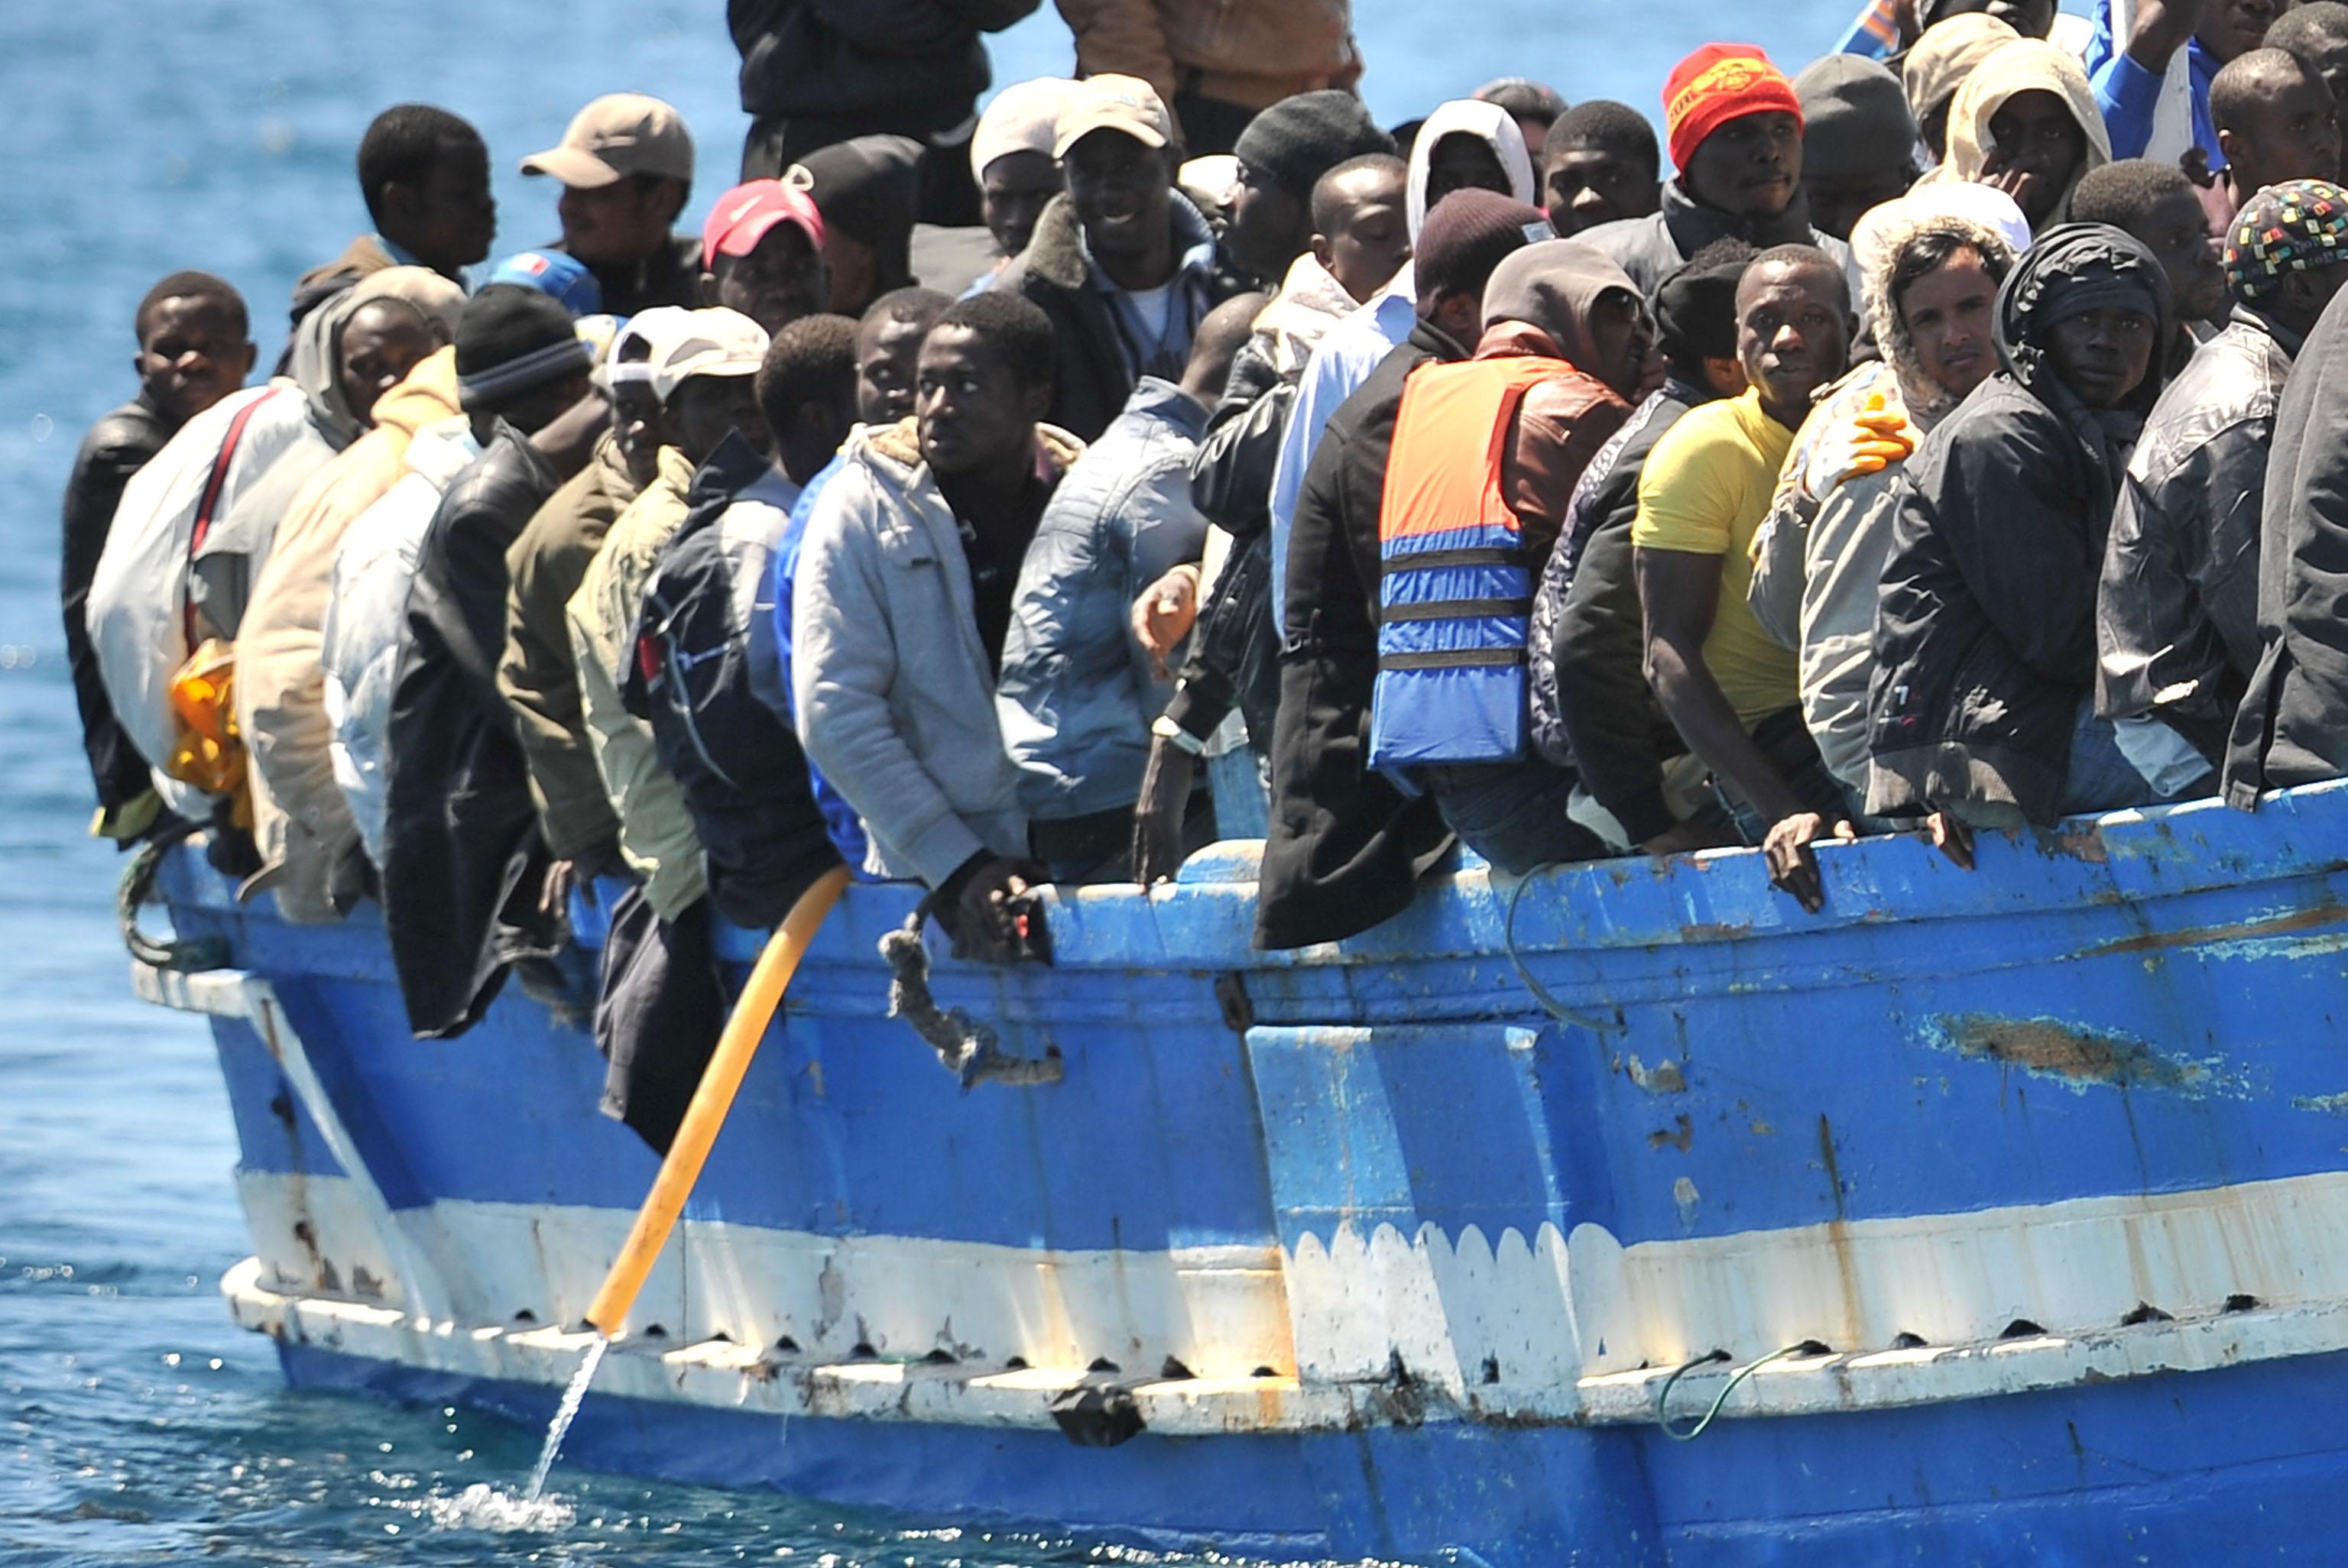 Catania,13 fermi per favoreggiamento dell'immigrazione clandestina